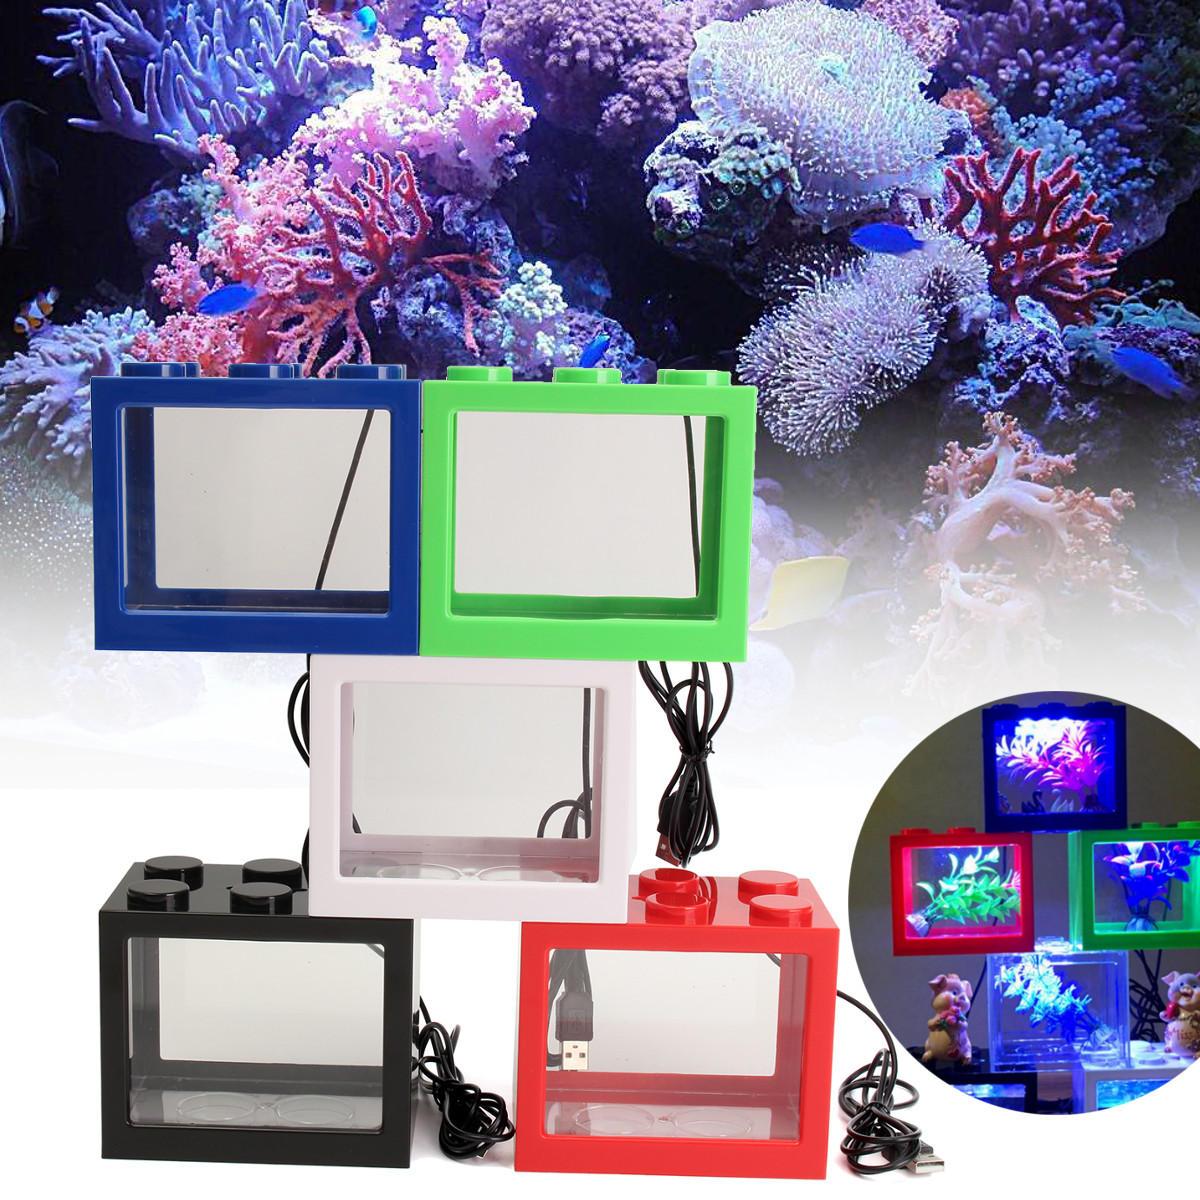 มินิ USB ไฟ LED ถังเก็บปลาล้างมินิ พิพิธภัณฑ์สัตว์น้ำ กล่องประดับ Bettas เดสก์ท็อปสำนักงาน